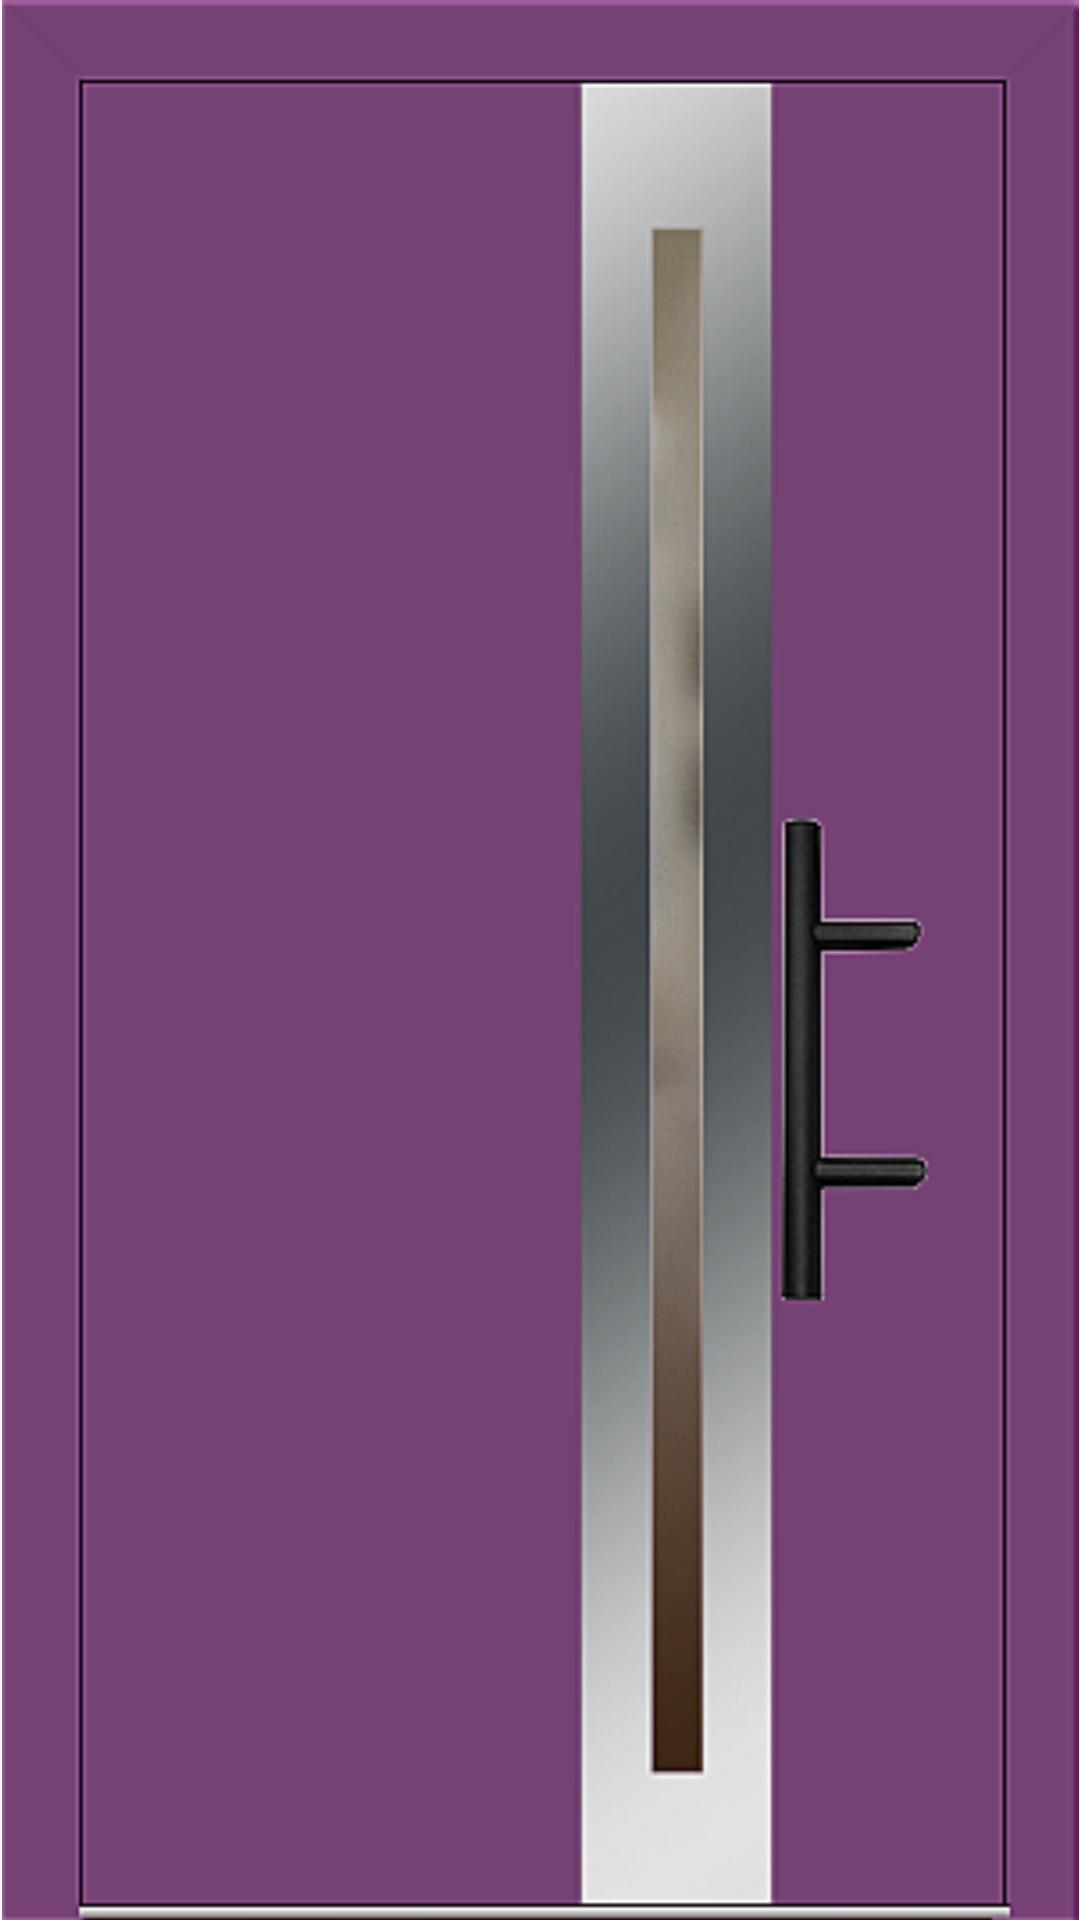 Holz-Alu Haustür Modell 66398 singalviolett